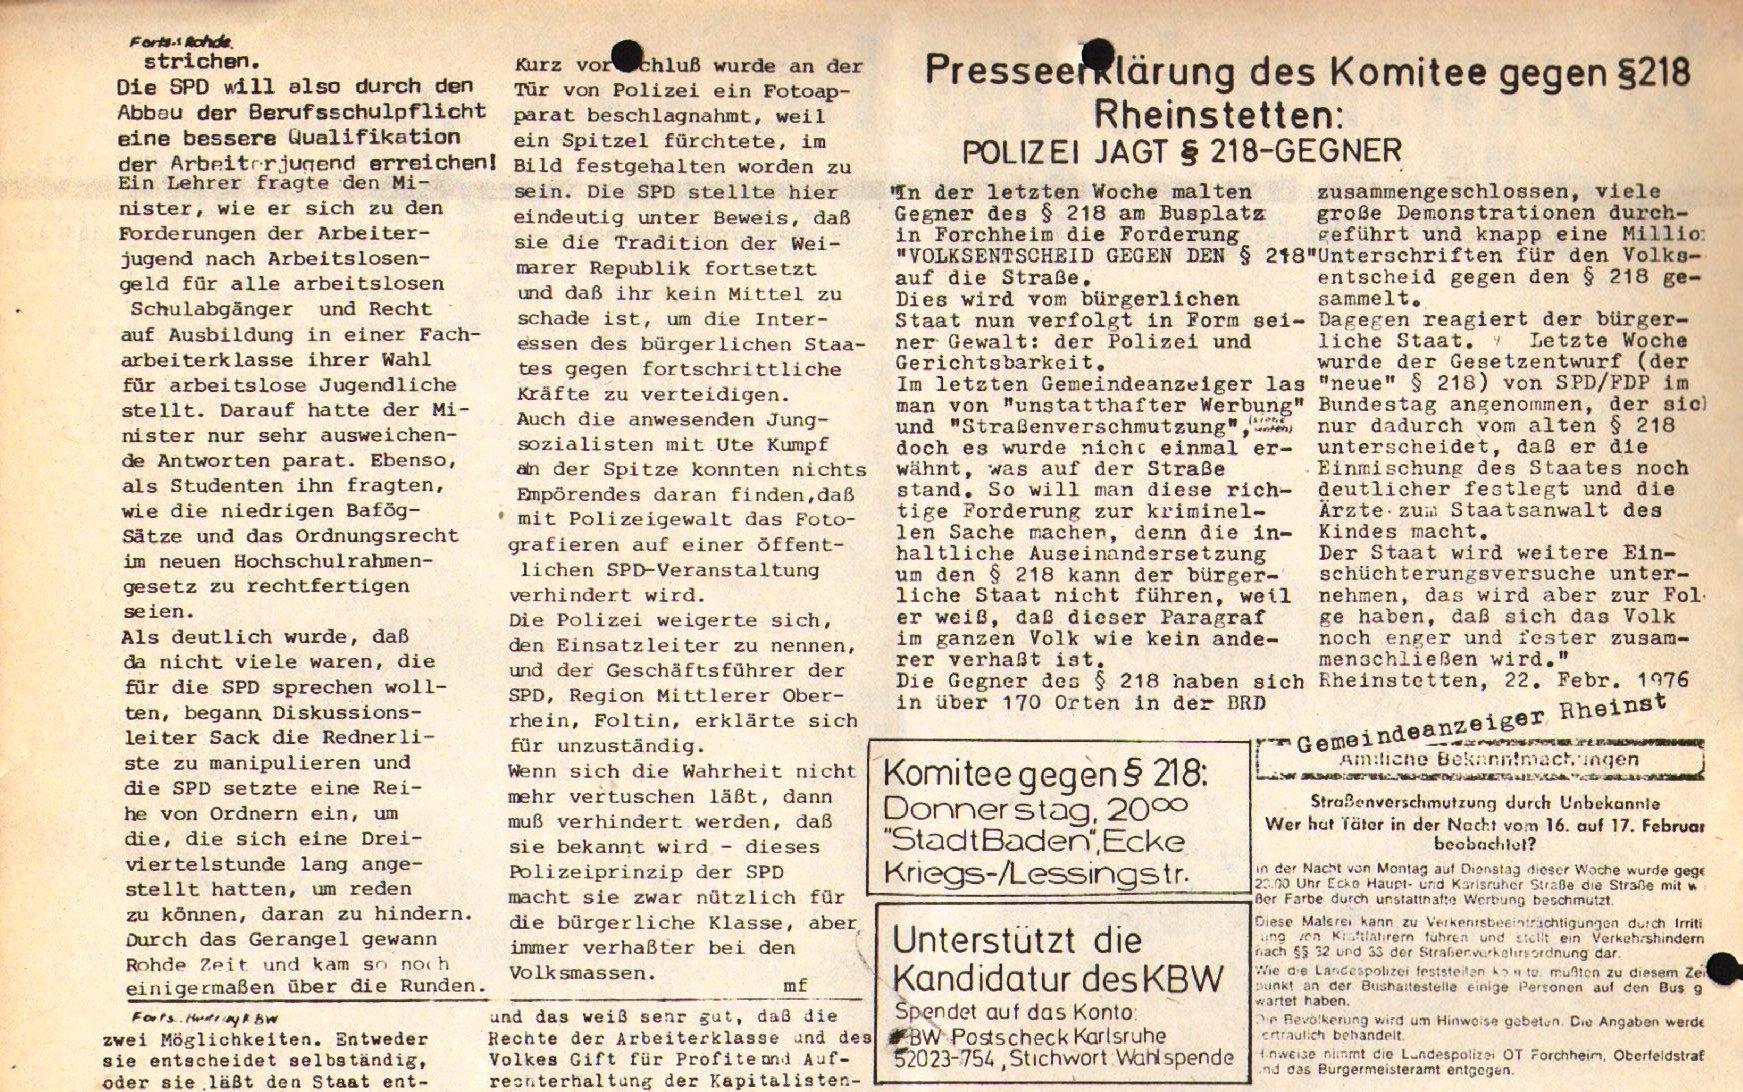 Karlsruhe_KBW020